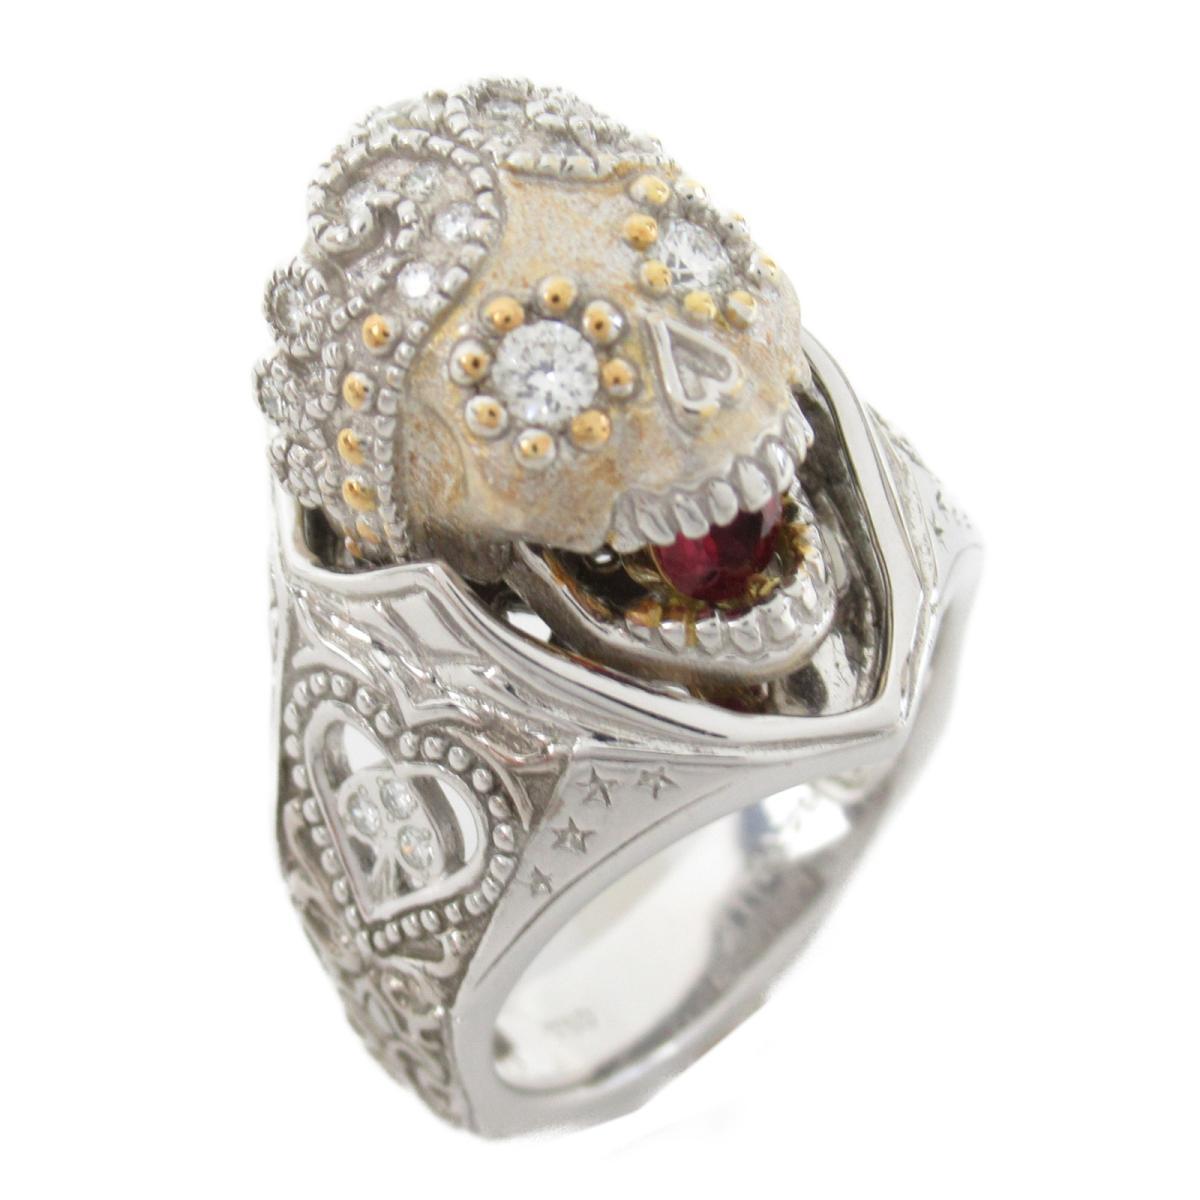 【中古】 ジュエリー 梶光夫 スカル ダイヤモンド リング 指輪 メンズ レディース K18WG (750) ホワイトゴールド x ダイヤモンド0.25ct | JEWELRY BRANDOFF ブランドオフ アクセサリー